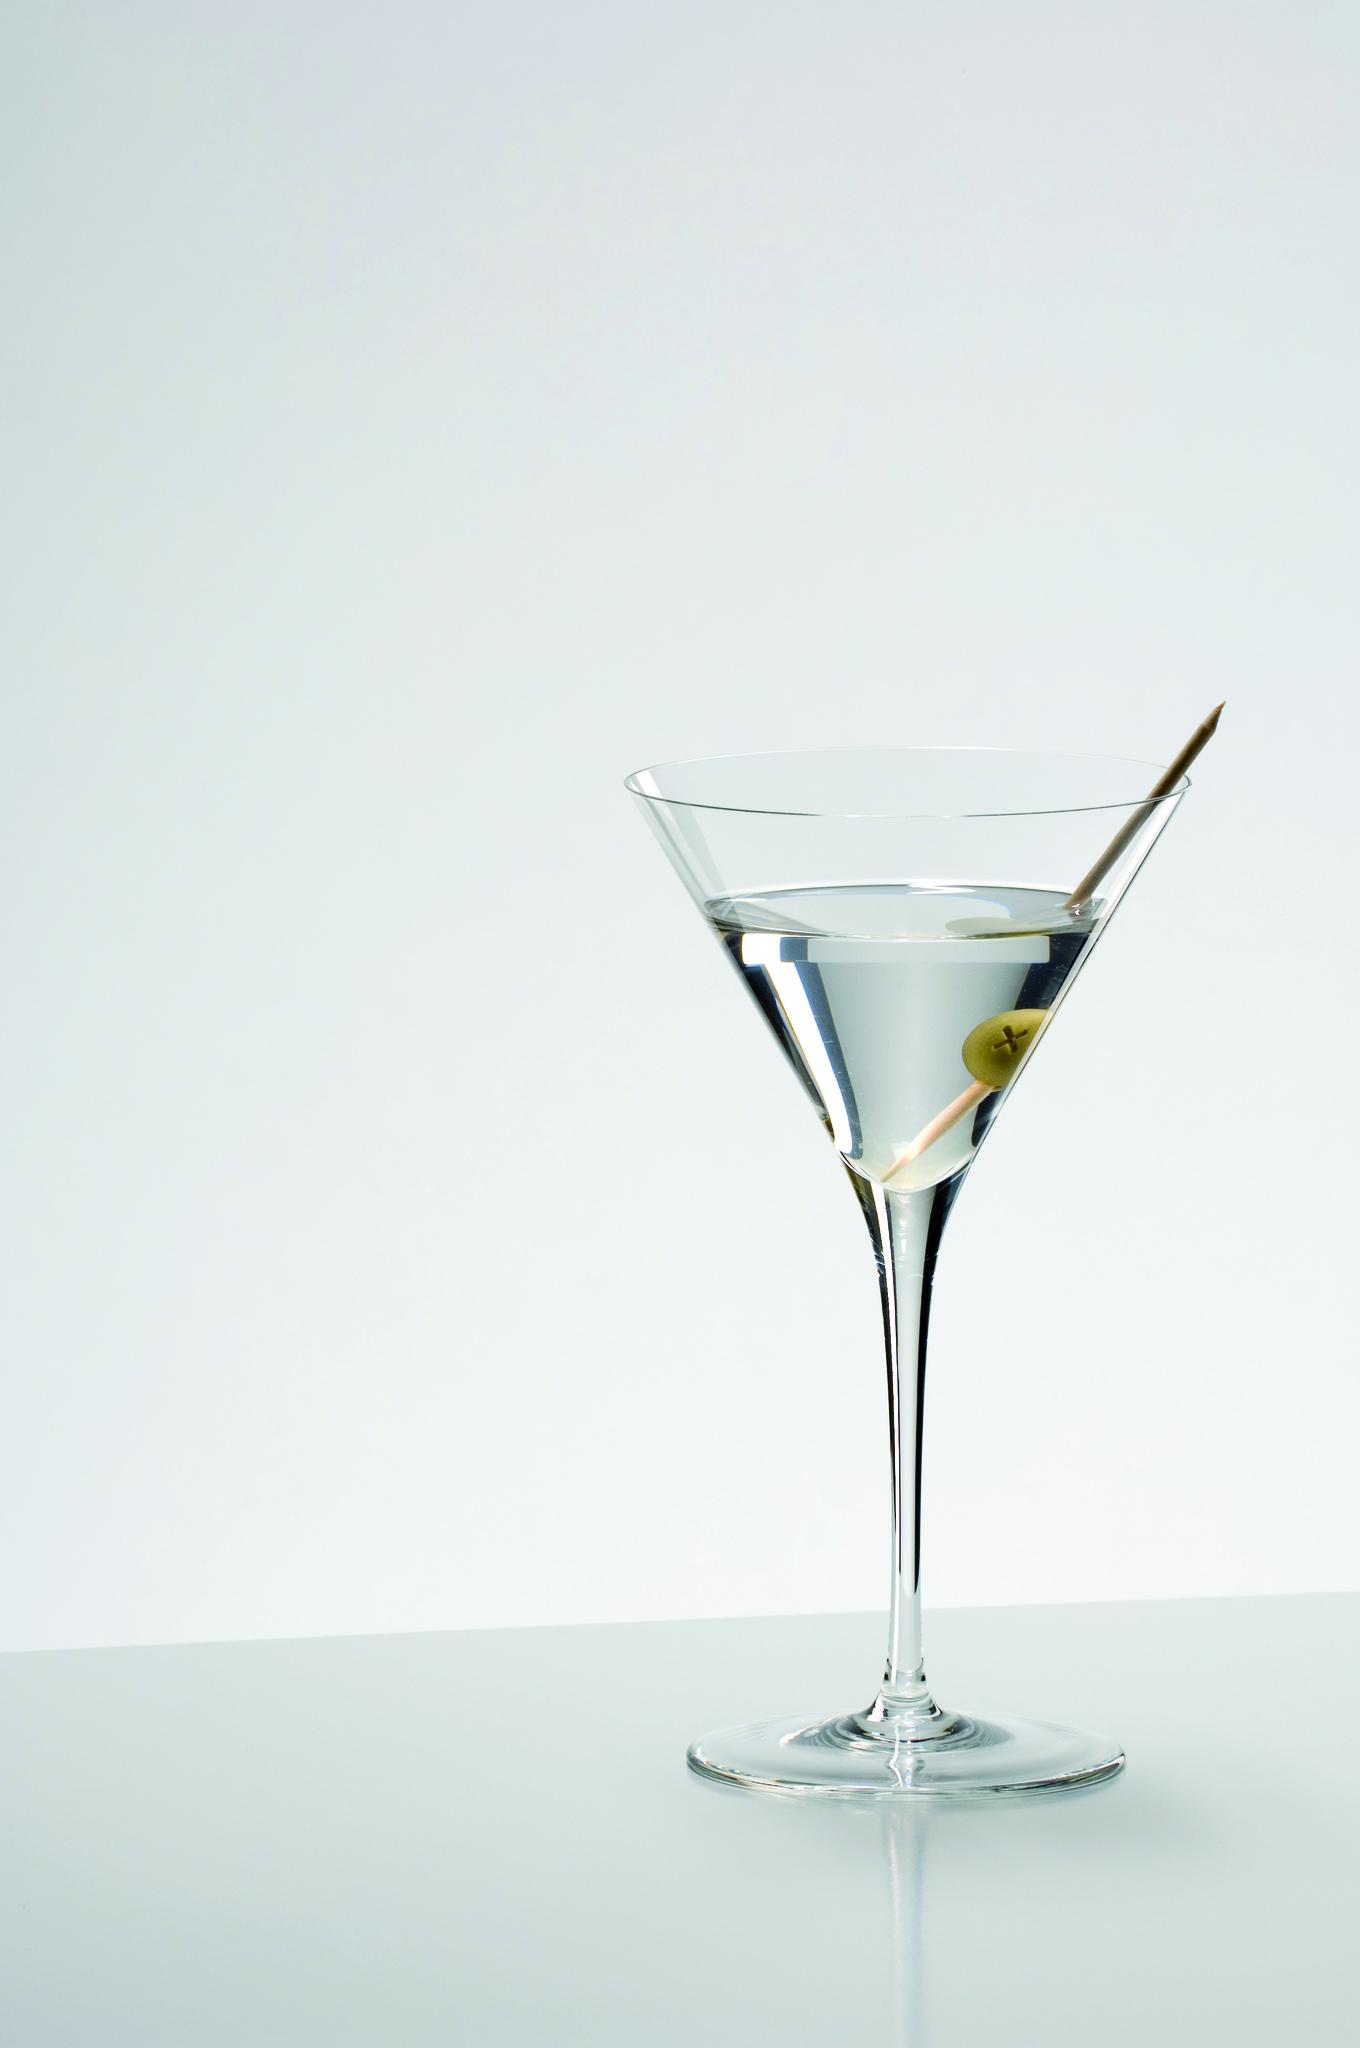 Бокалы Бокал для мартини 210мл Riedel Sommeliers Destillate Martini bokal-dlya-martini-210-ml-riedel-martini-avstriya.jpg